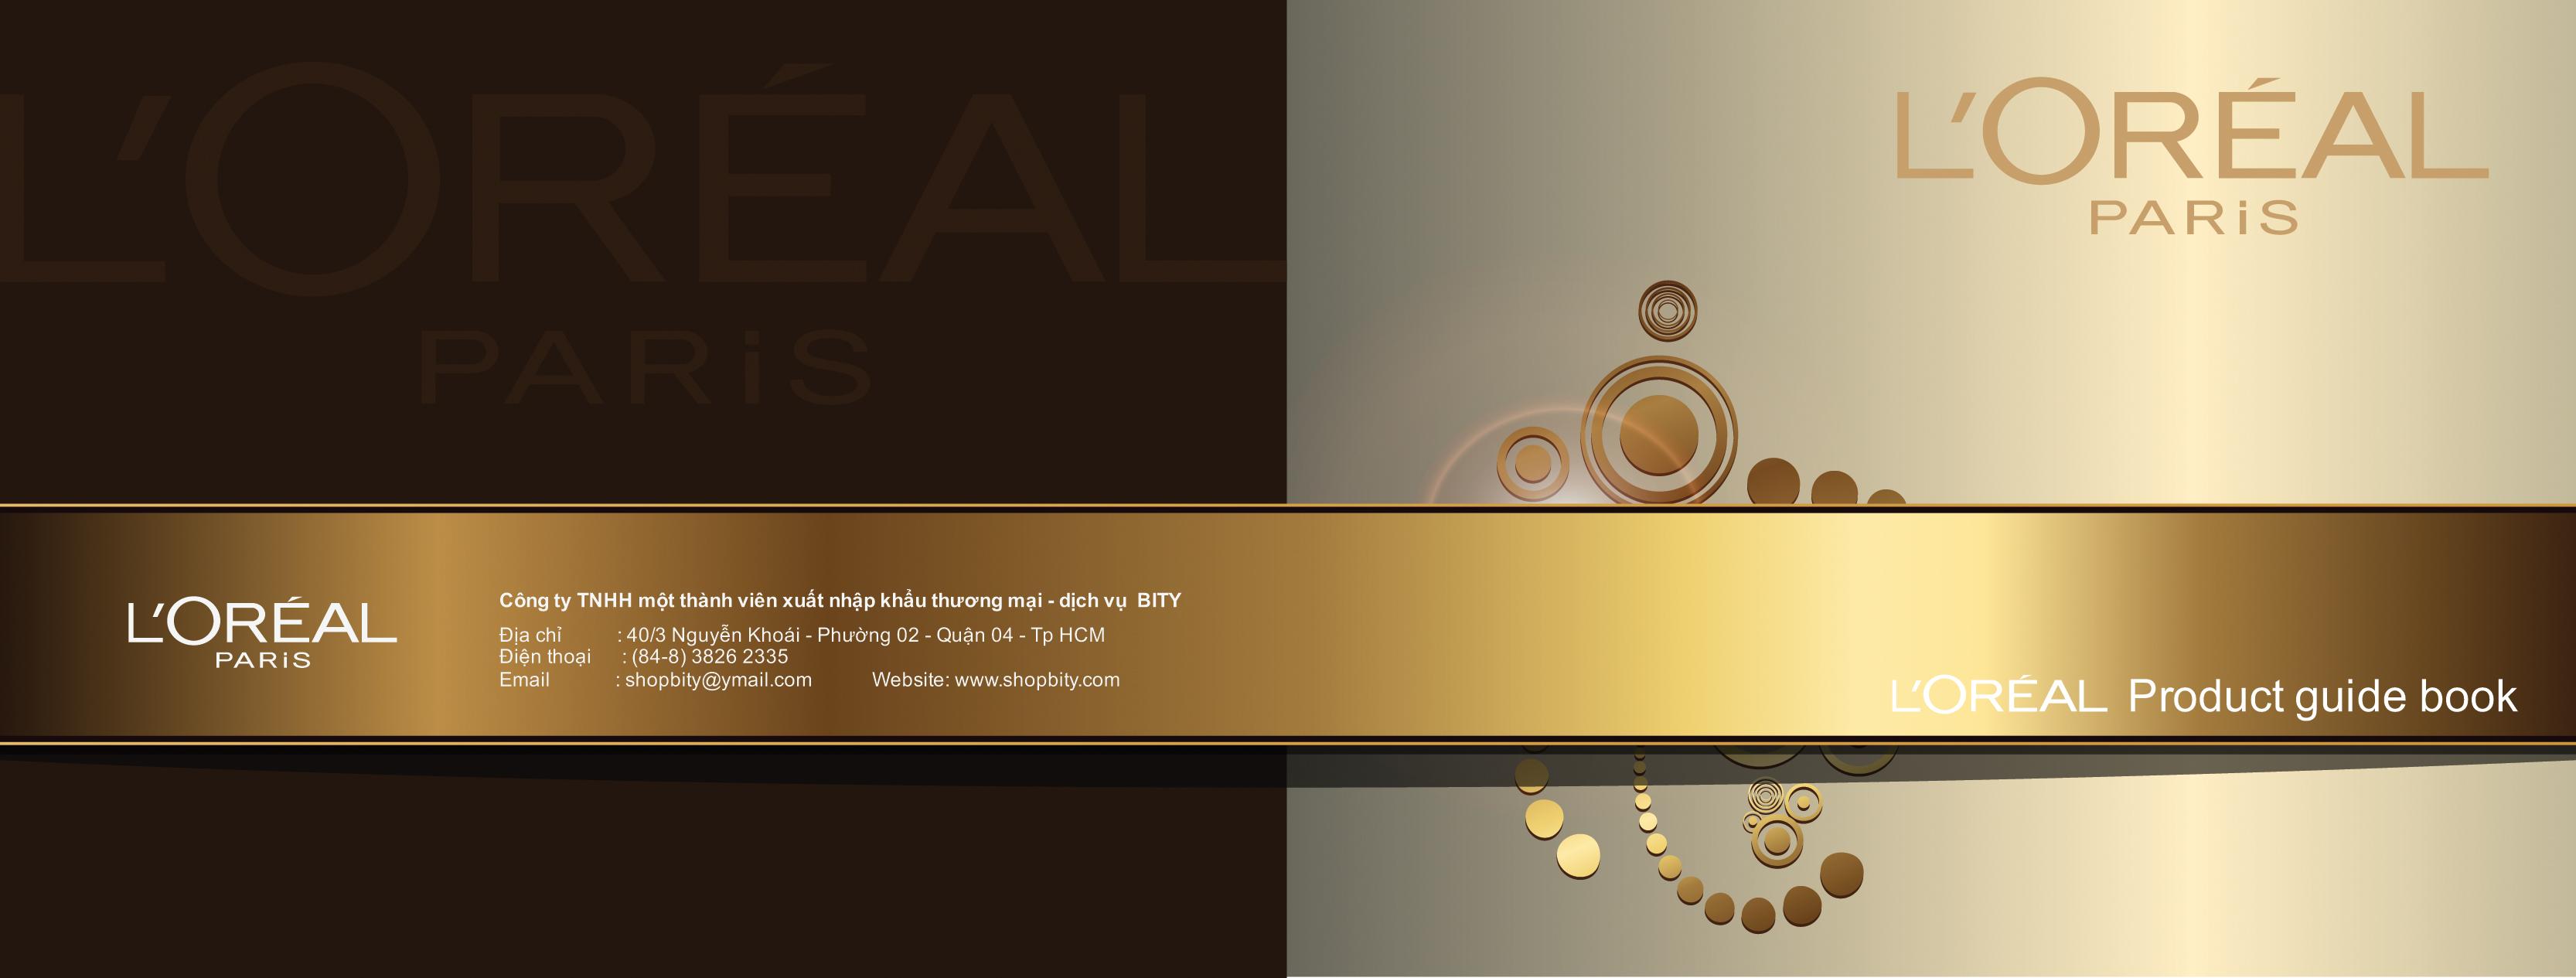 Dự án thiết kế catalogue cho doanh nghiệp BITY tại TP HCM